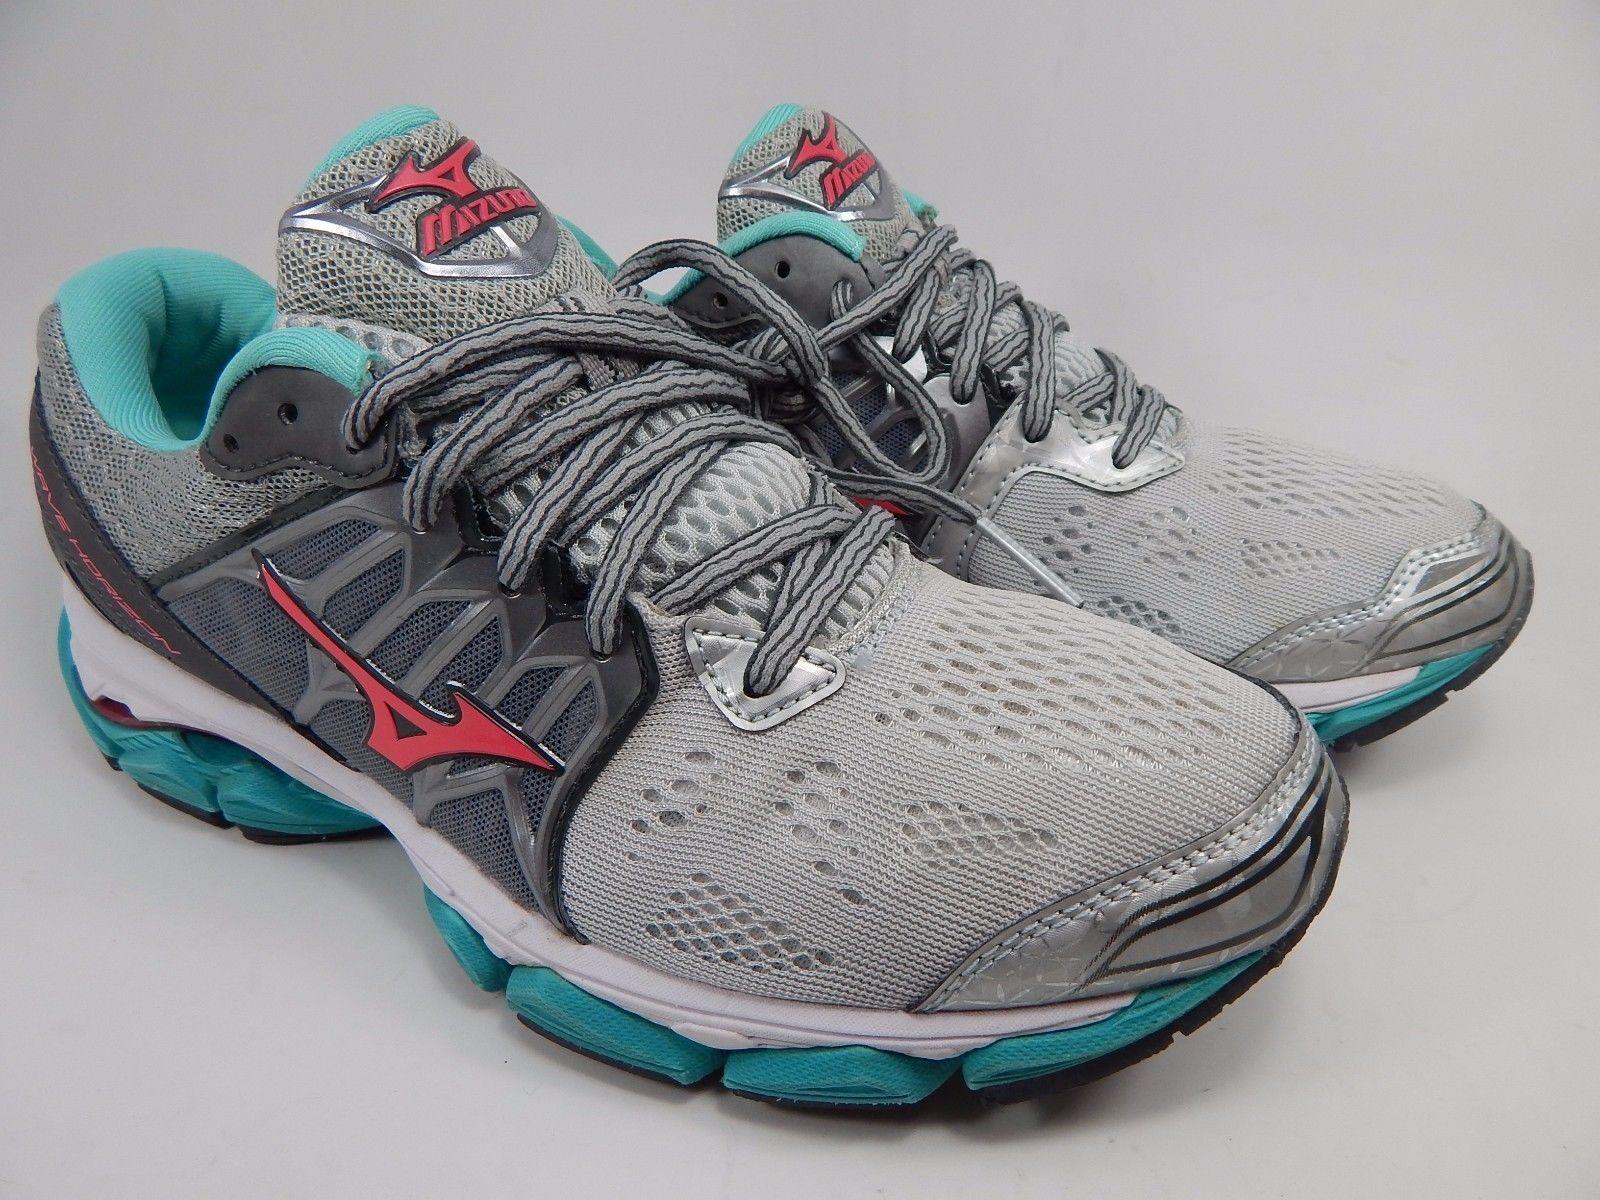 Mizuno Wave Horizon Women's Running Shoes Size US 8 M (B) EU: 38.5 Silver